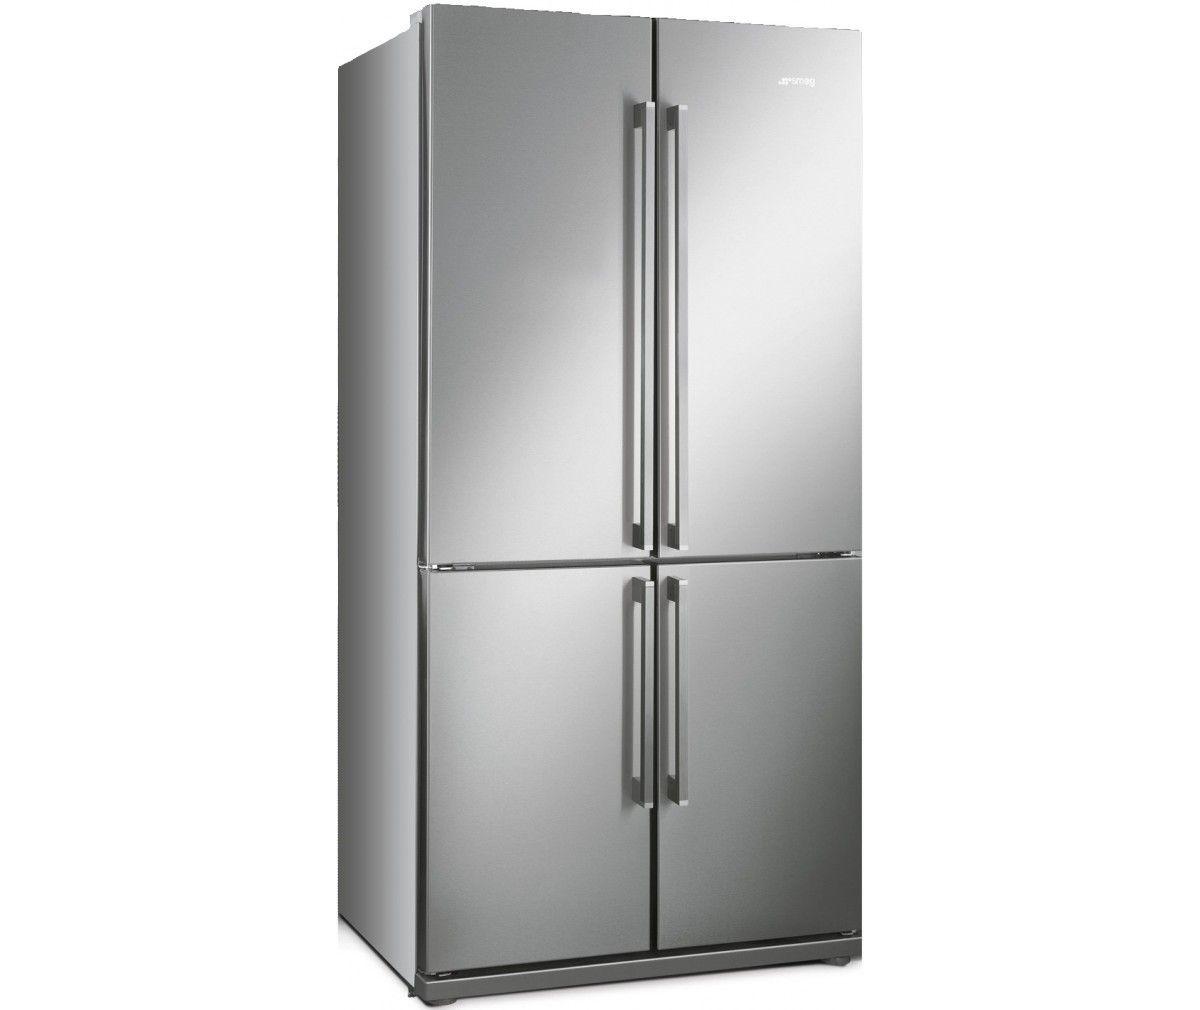 Smeg Fq60xp1 Side By Side Koelkast American Fridge Freezers American Fridge American Style Fridge Freezer